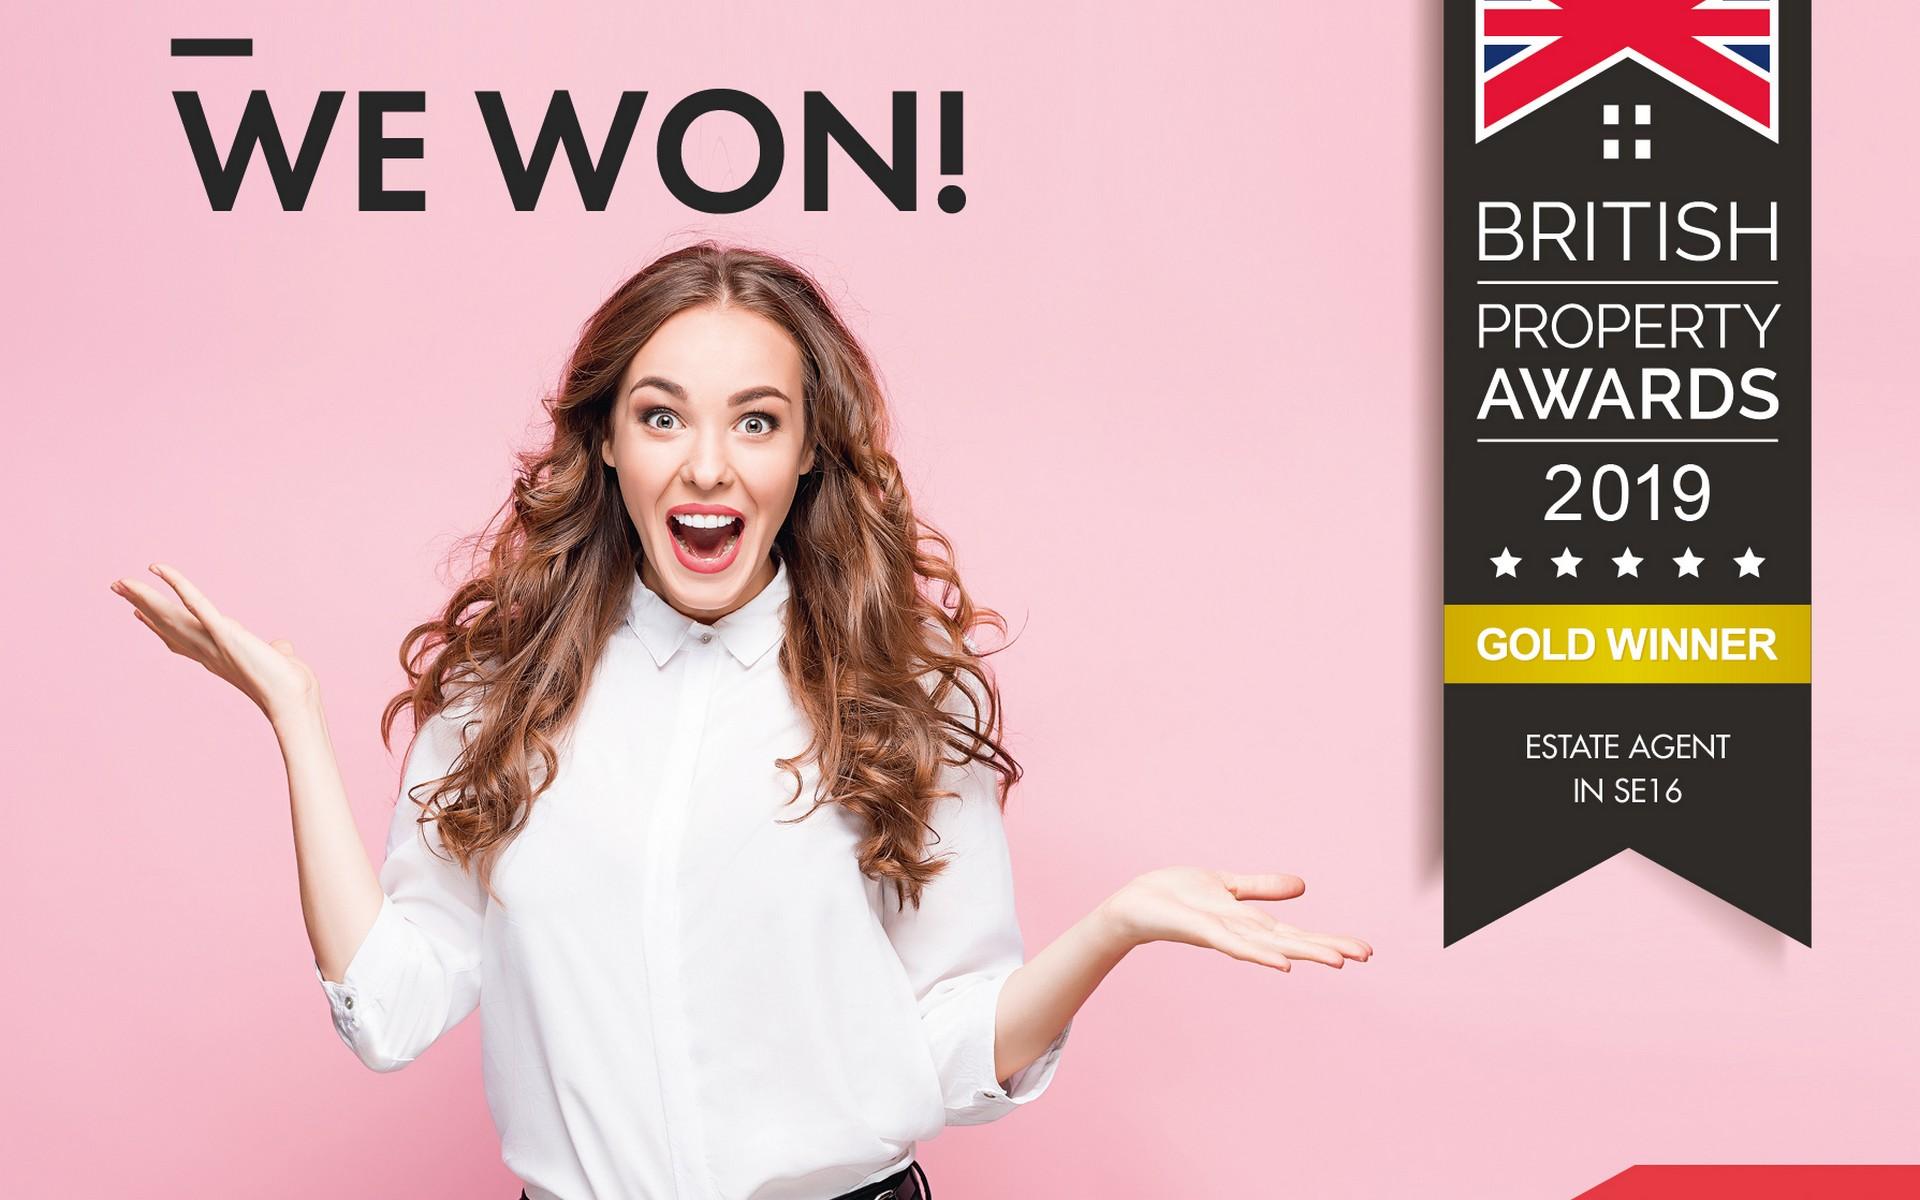 Image celebrating Alex Neil's British Property Award